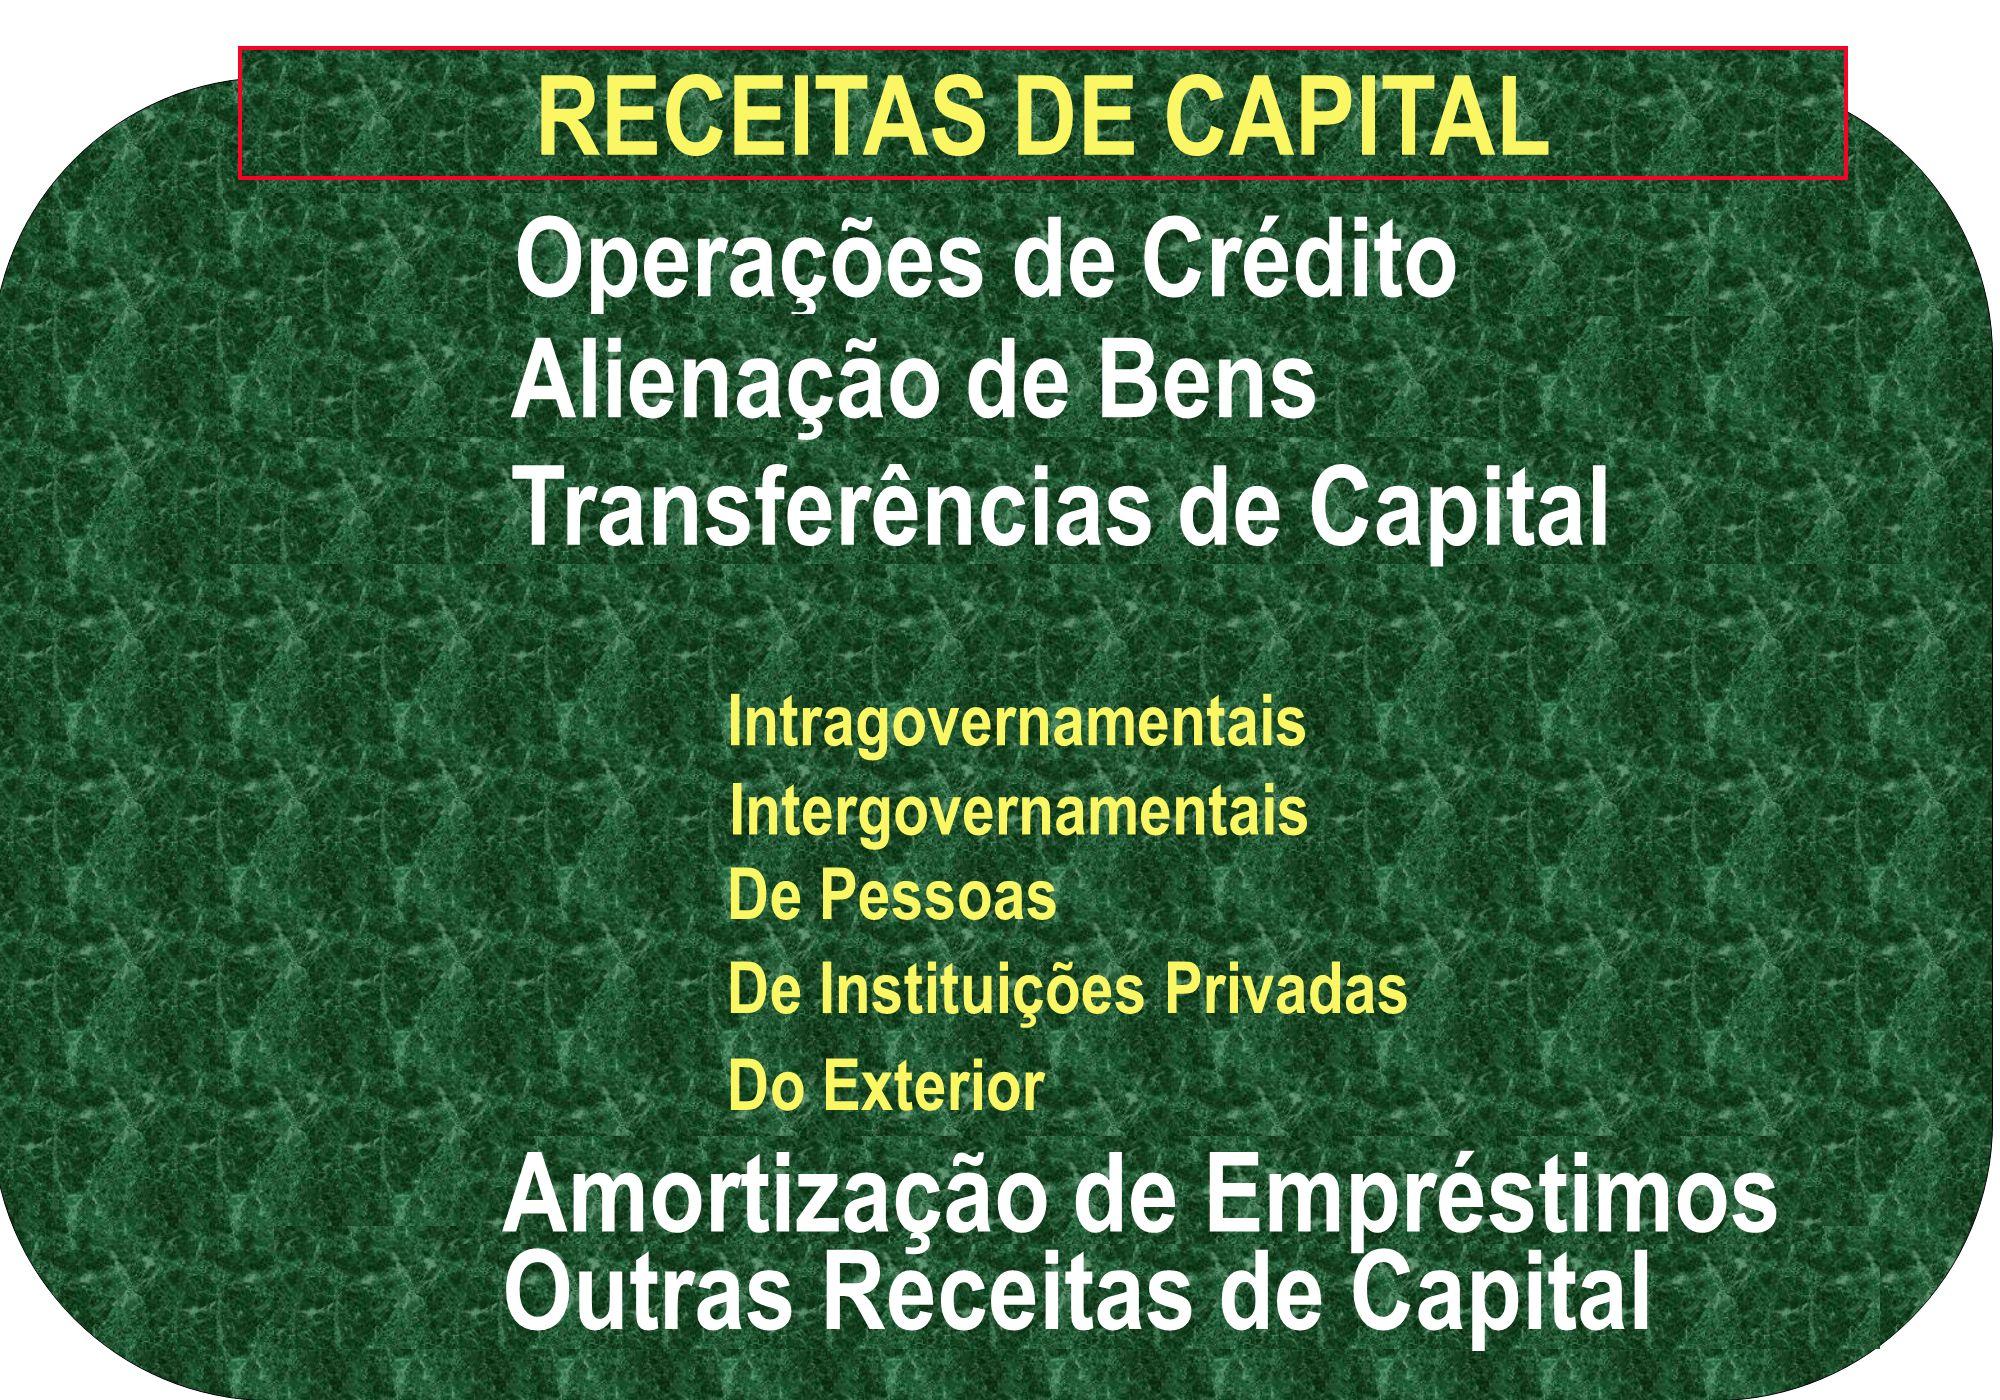 RECEITAS DE CAPITAL Operações de Crédito Alienação de Bens Transferências de Capital Outras Receitas de Capital Intragovernamentais Intergovernamentai